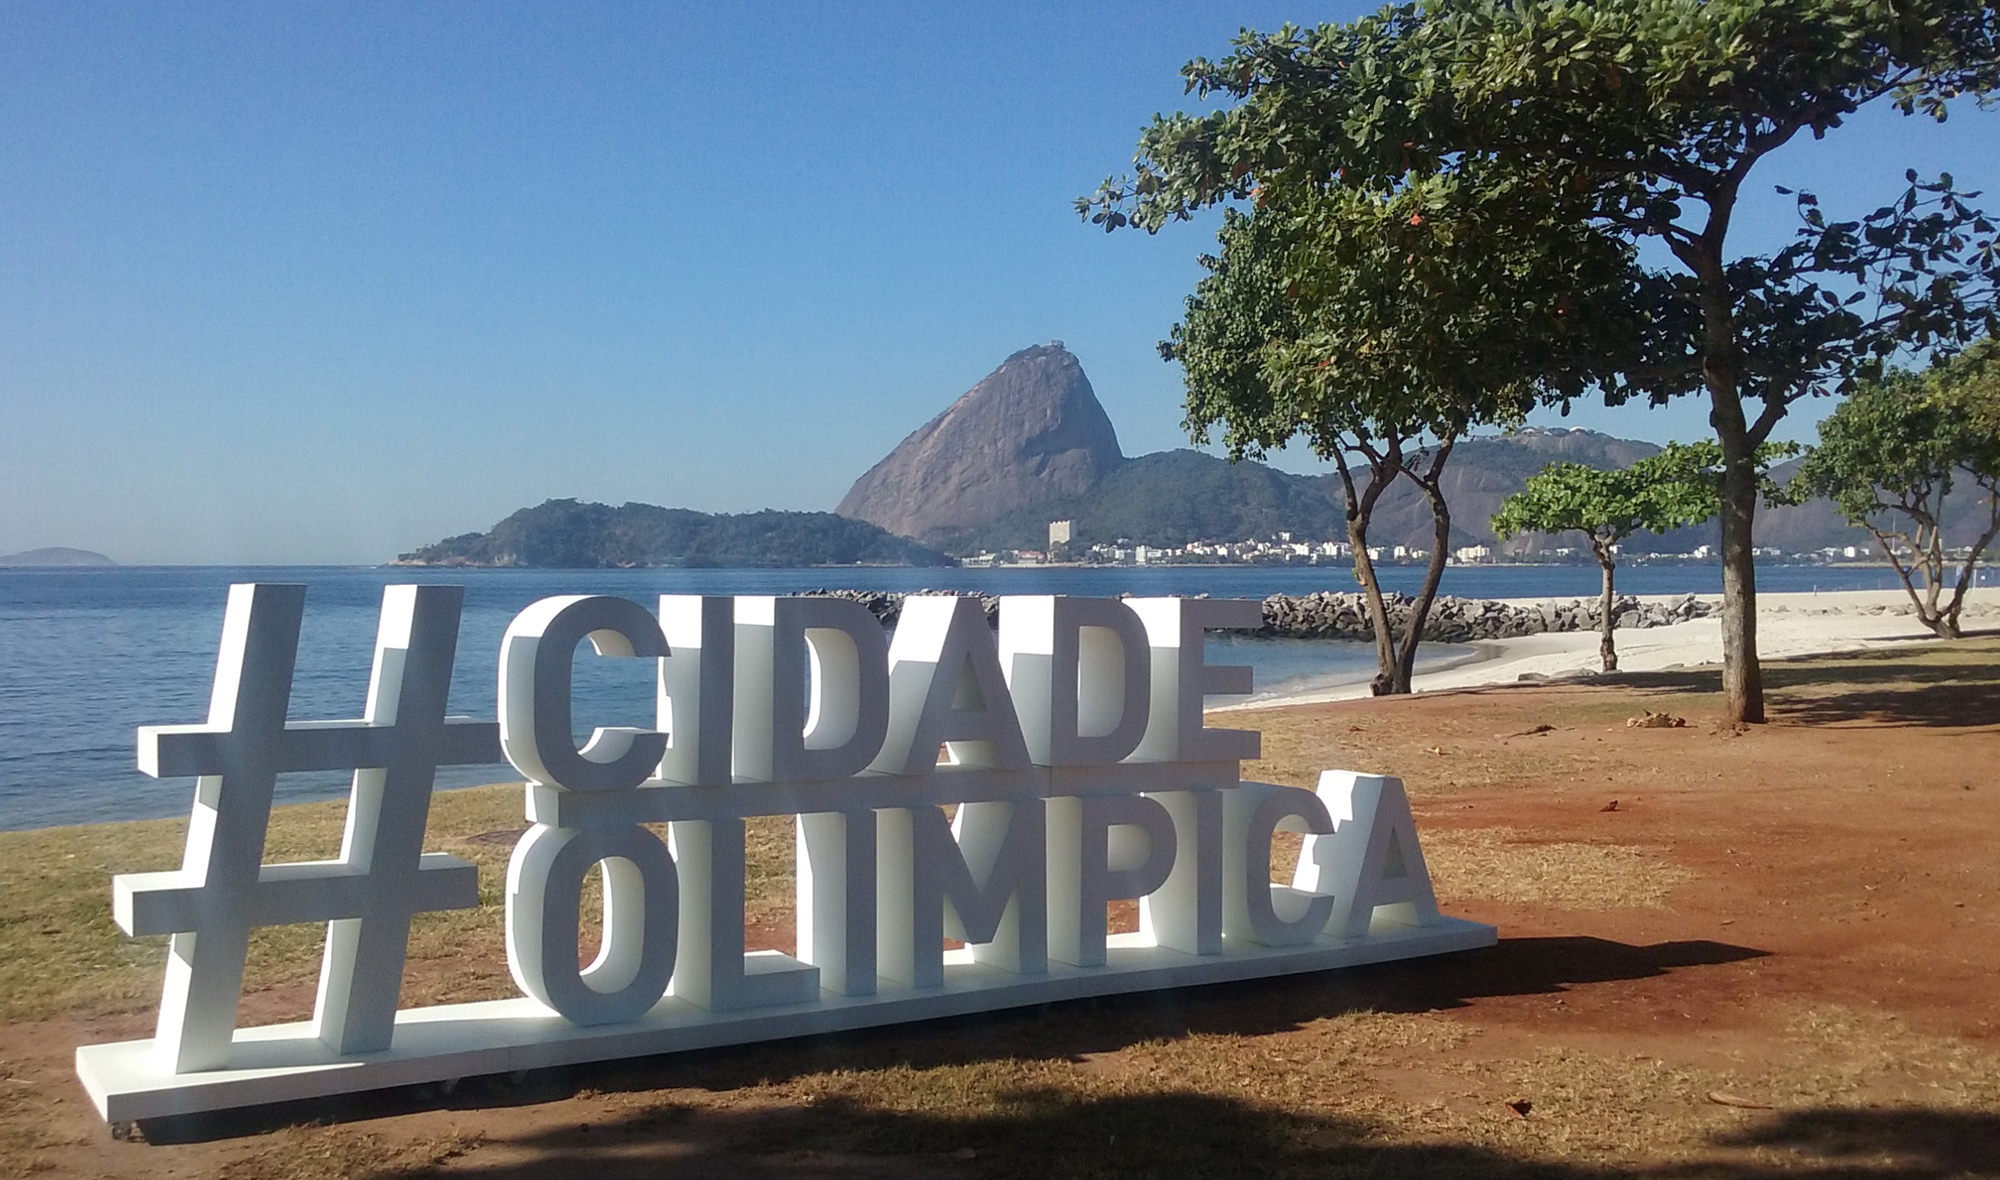 Marina da Gloria olympic sailing